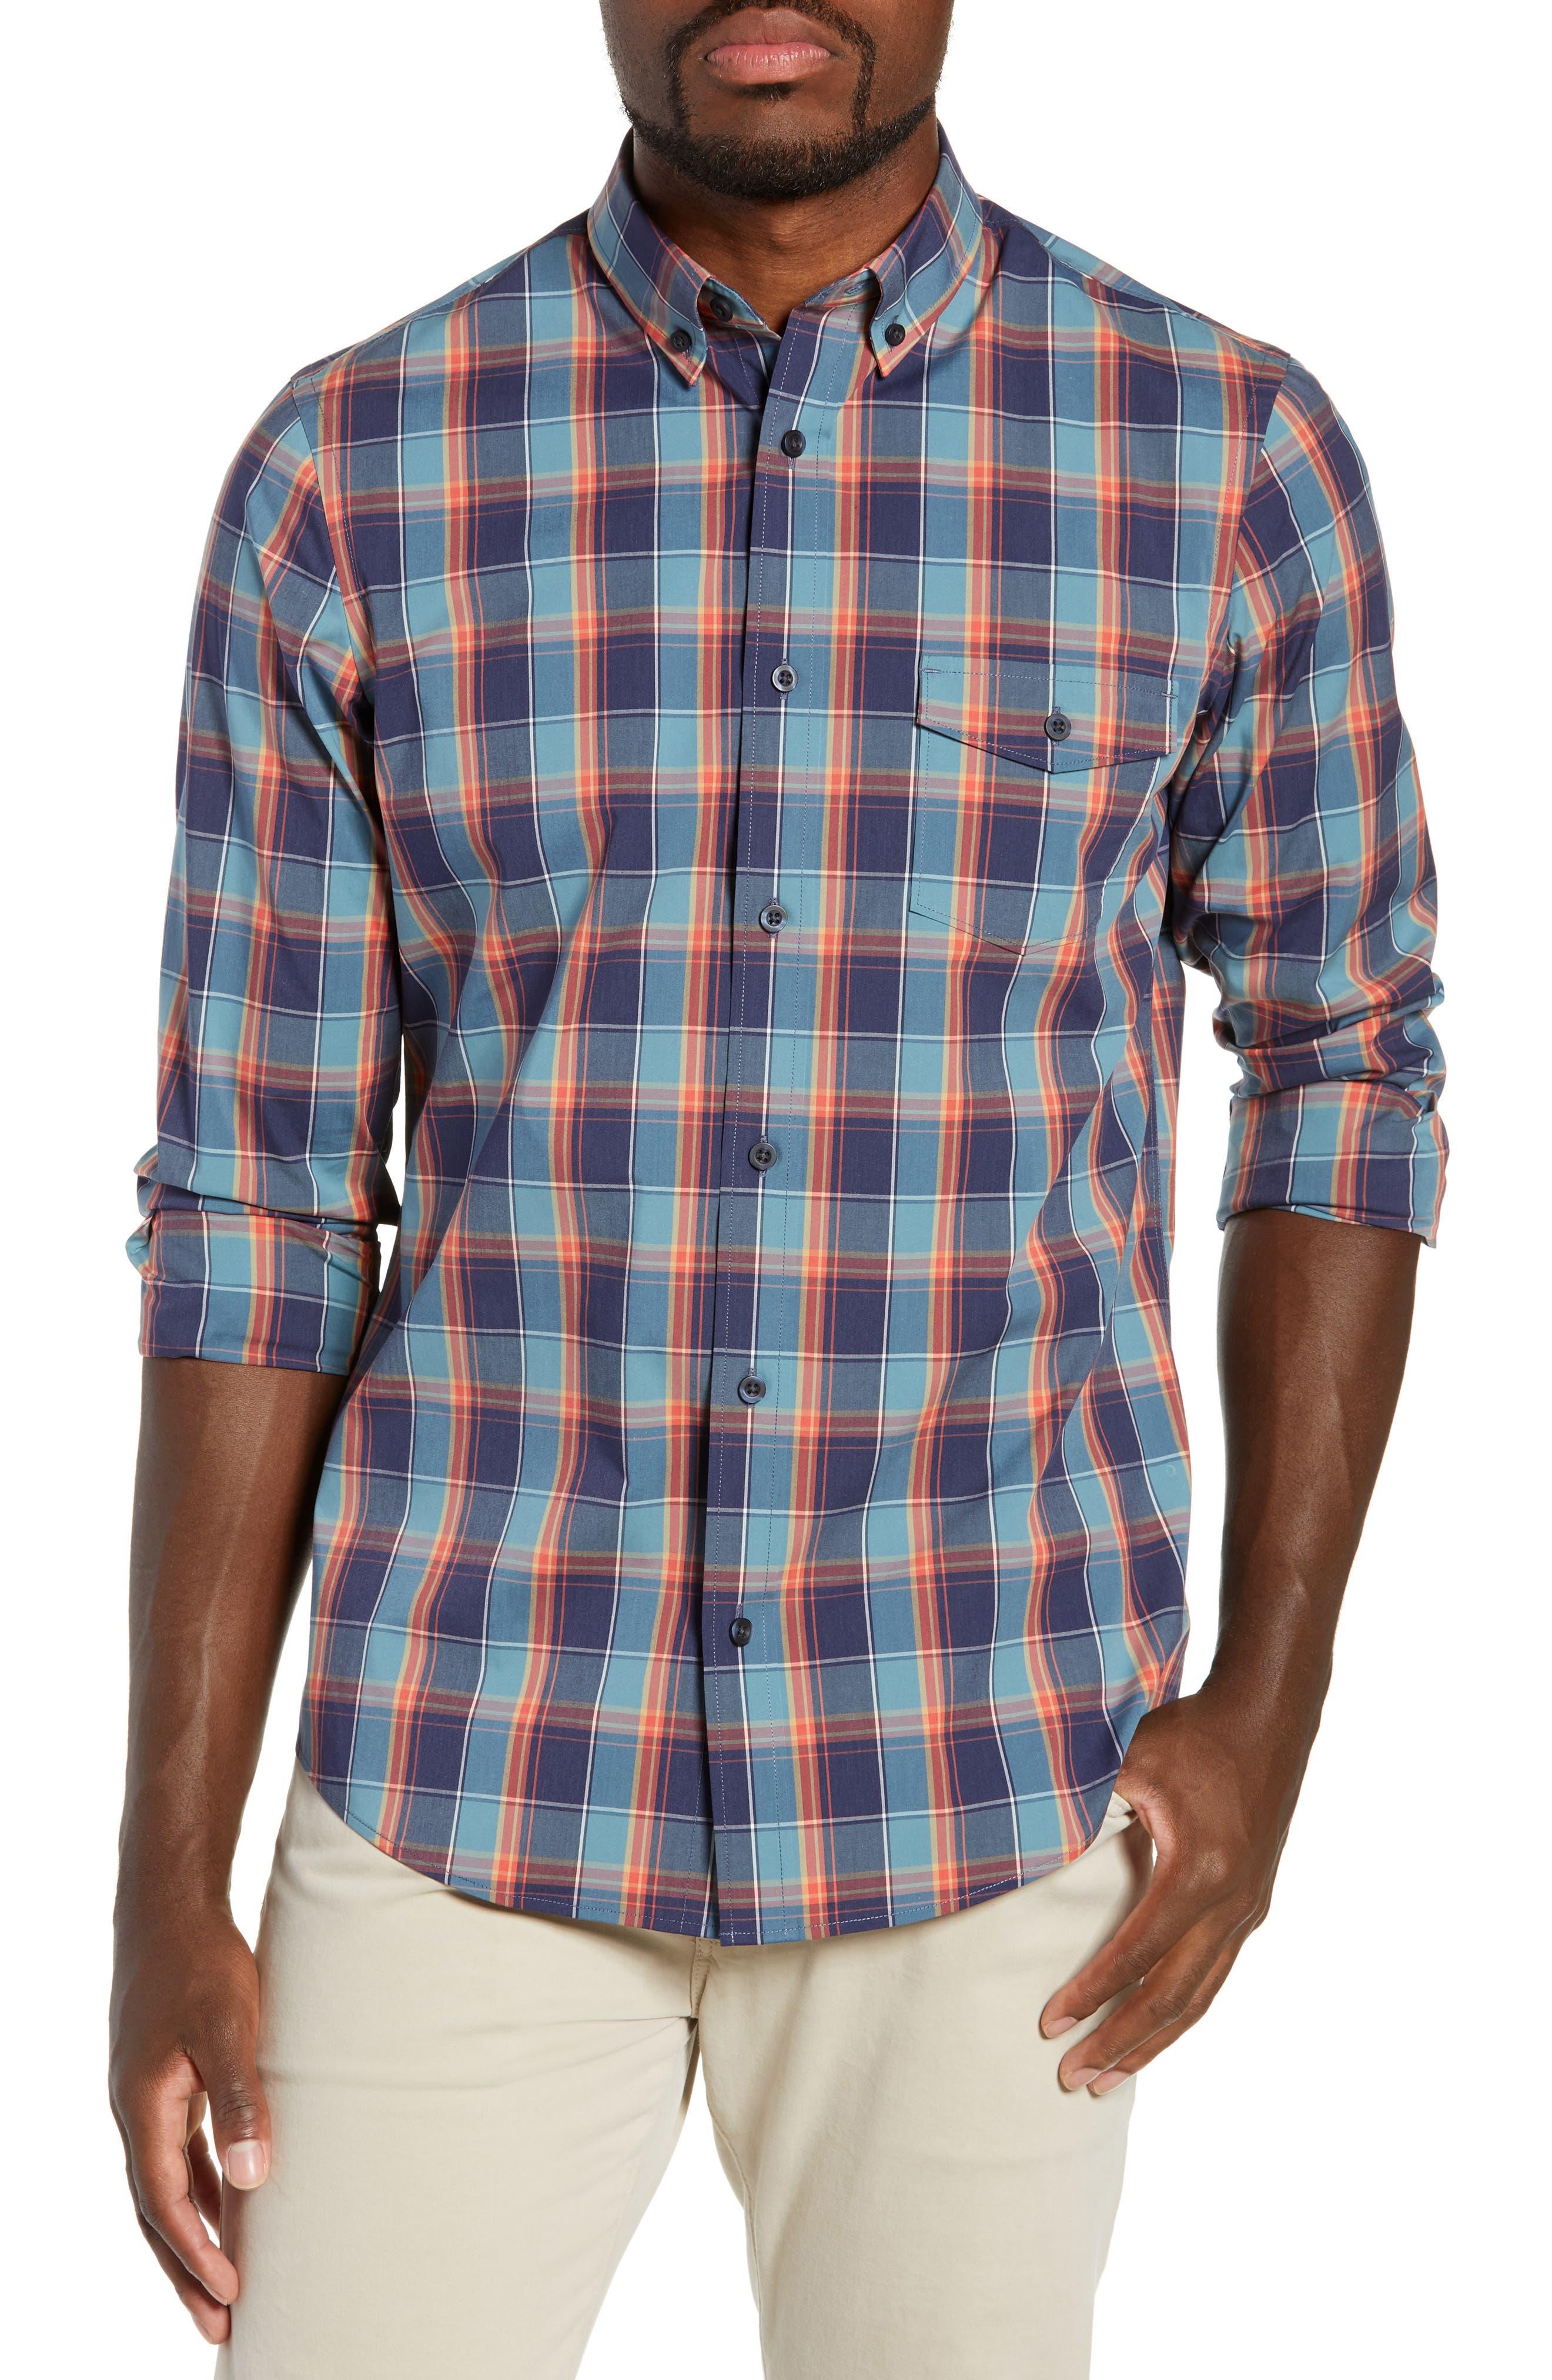 Nordstrom Shop Tech-Smart Regular Fit Plaid Sport Shirt, Blue